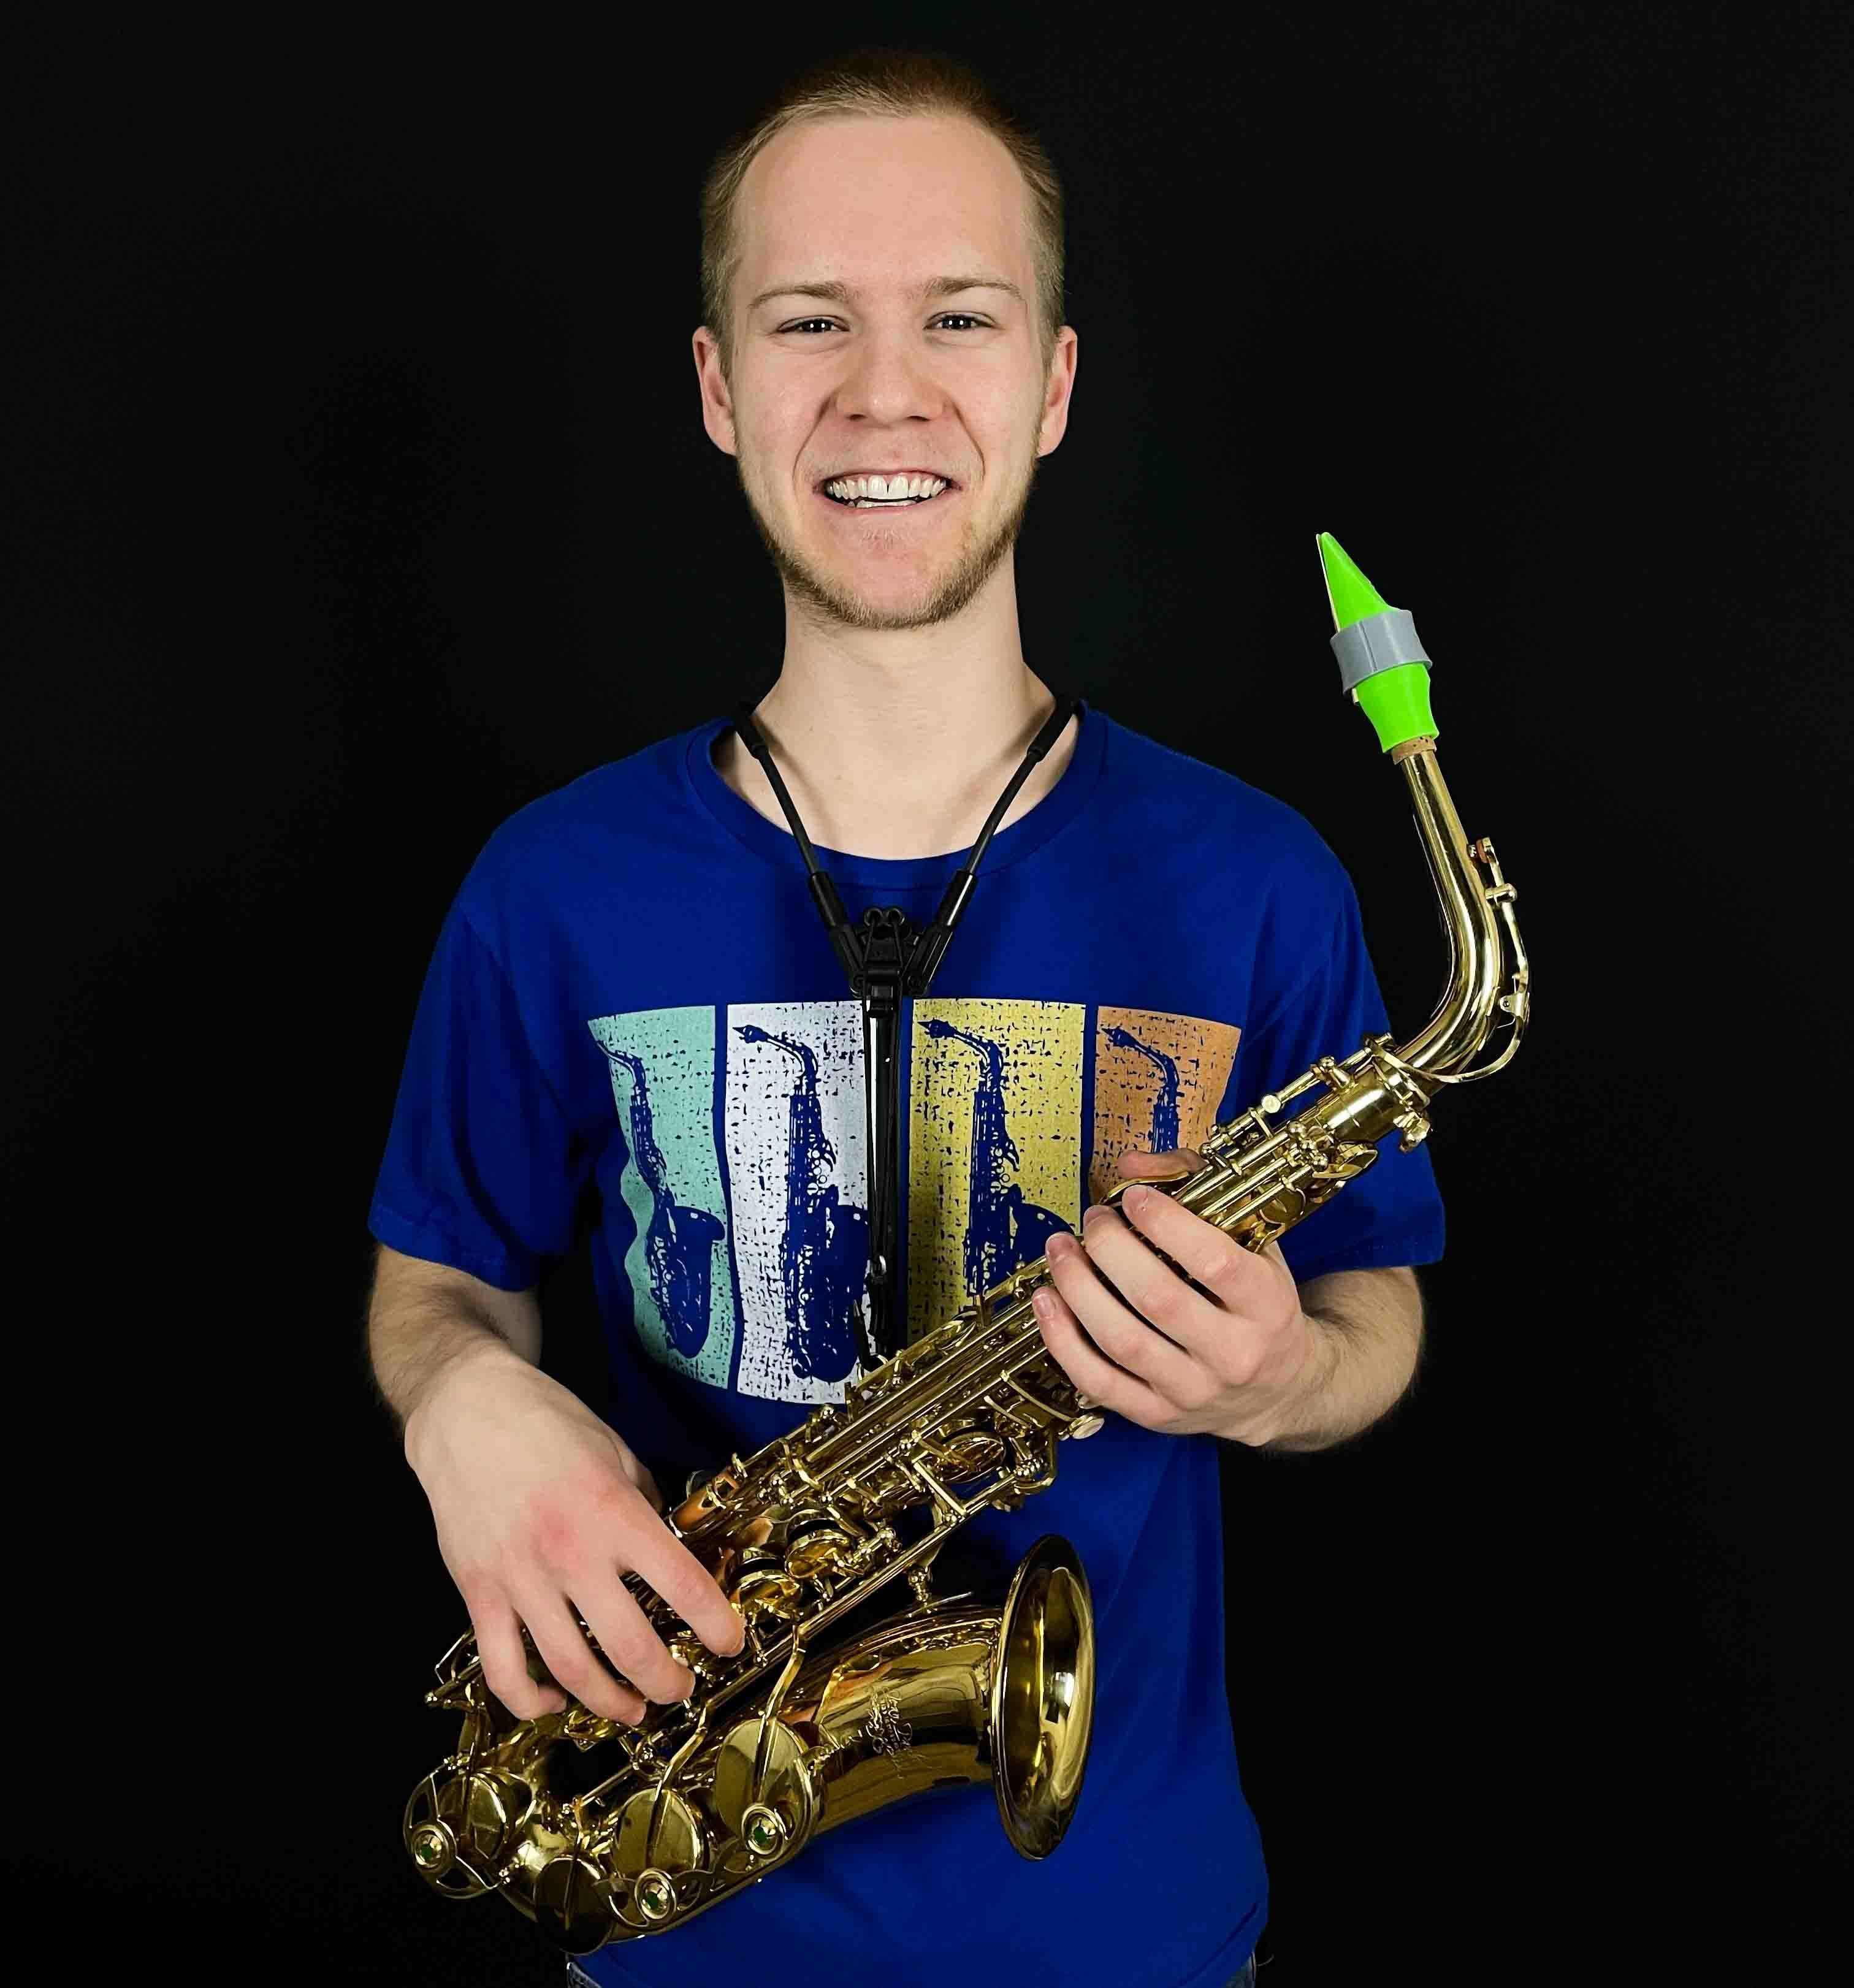 FoolishFrankie plays a Syos saxophone mouthpiece